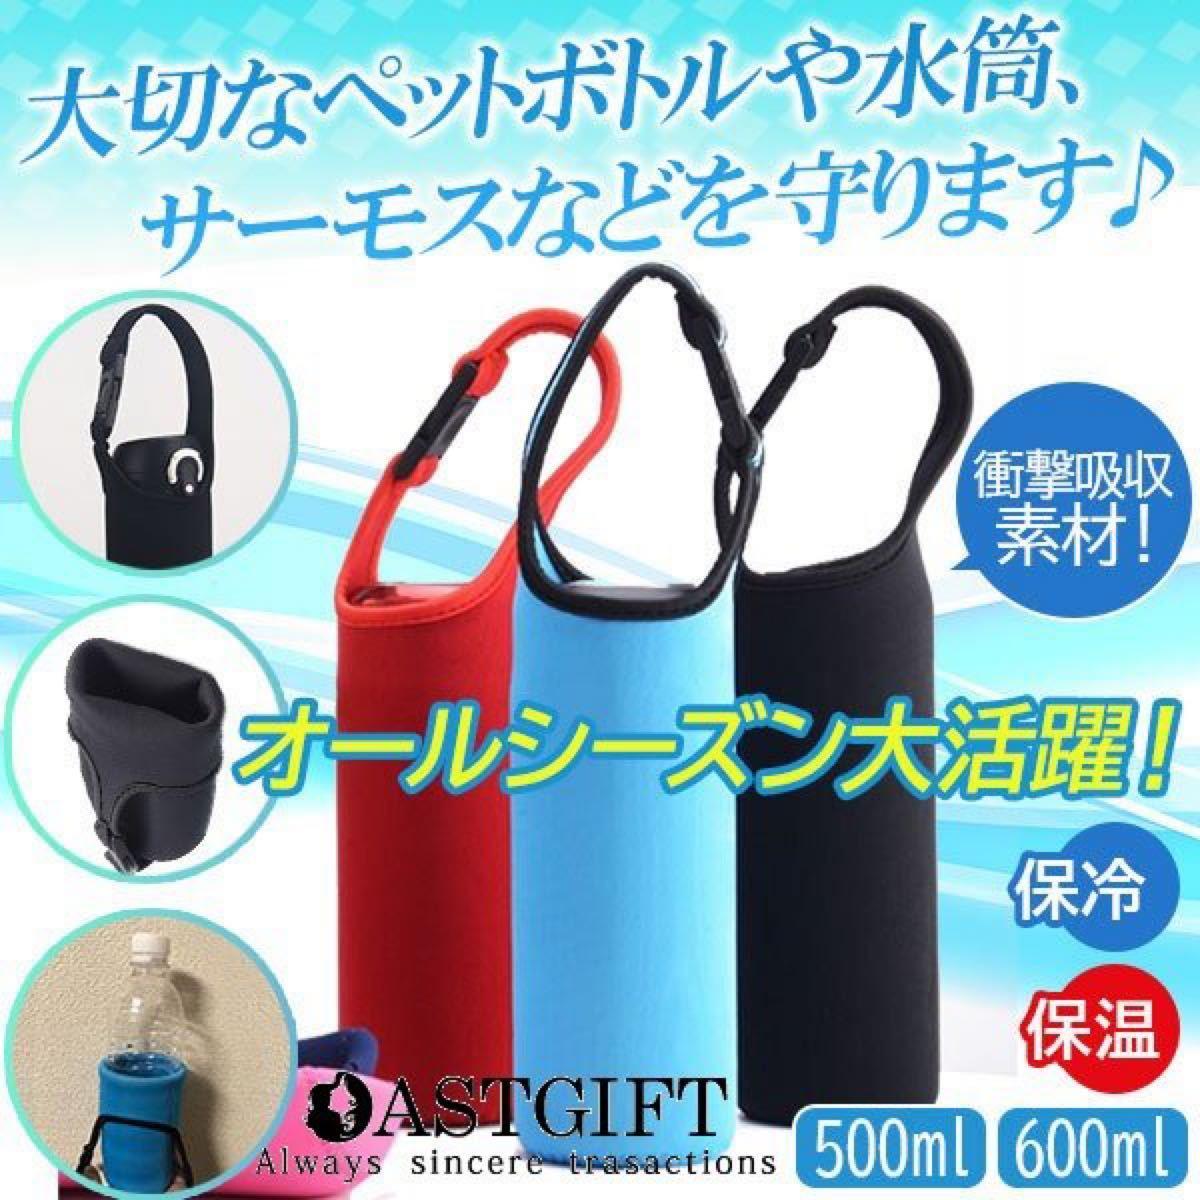 ペットボトルカバー 水筒カバー ステンレスボトルケース サーモス 保冷 保温